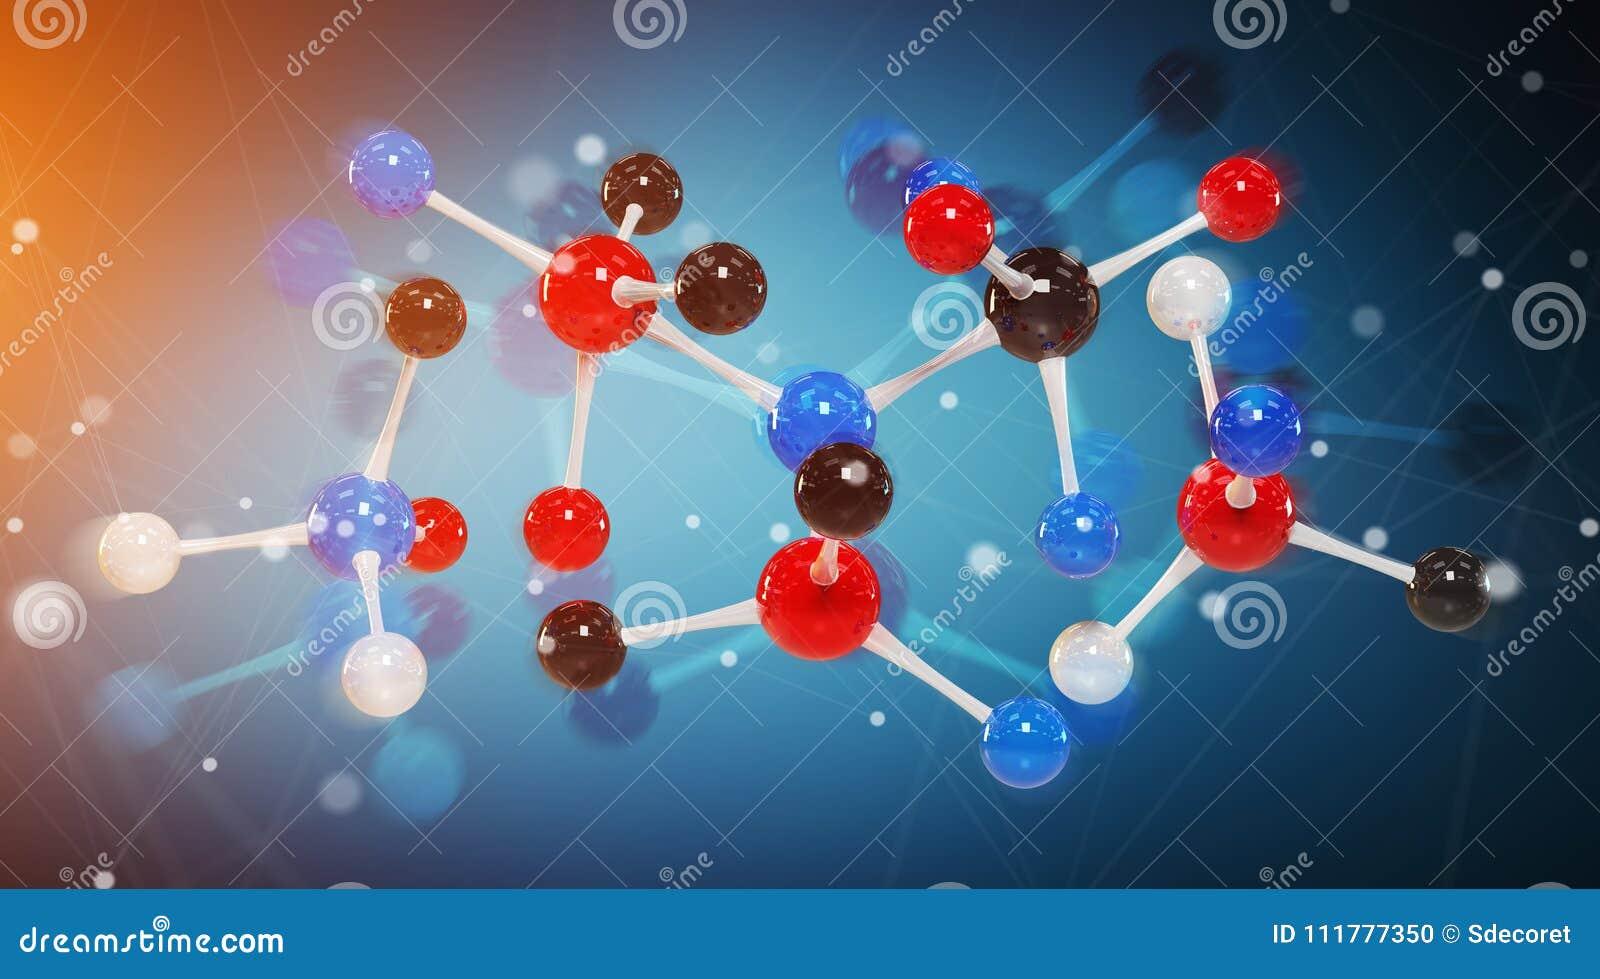 Rappresentazione digitale moderna della struttura 3D della molecola